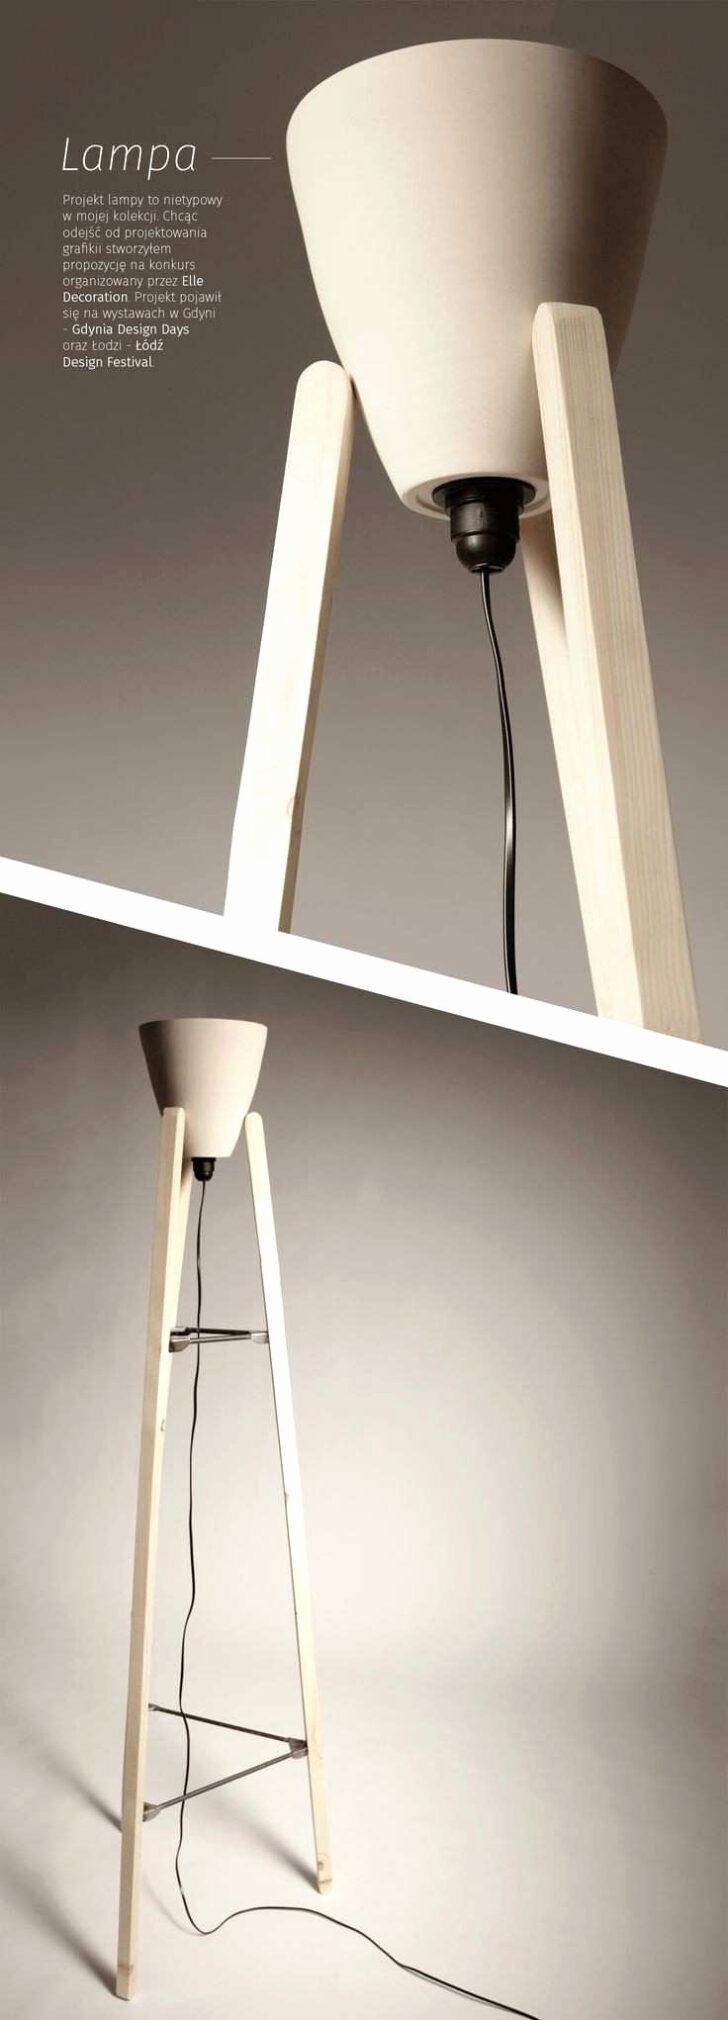 Medium Size of Deckenlampe Industriedesign Bad Küche Deckenlampen Wohnzimmer Modern Schlafzimmer Industrial Esstisch Für Wohnzimmer Deckenlampe Industrial